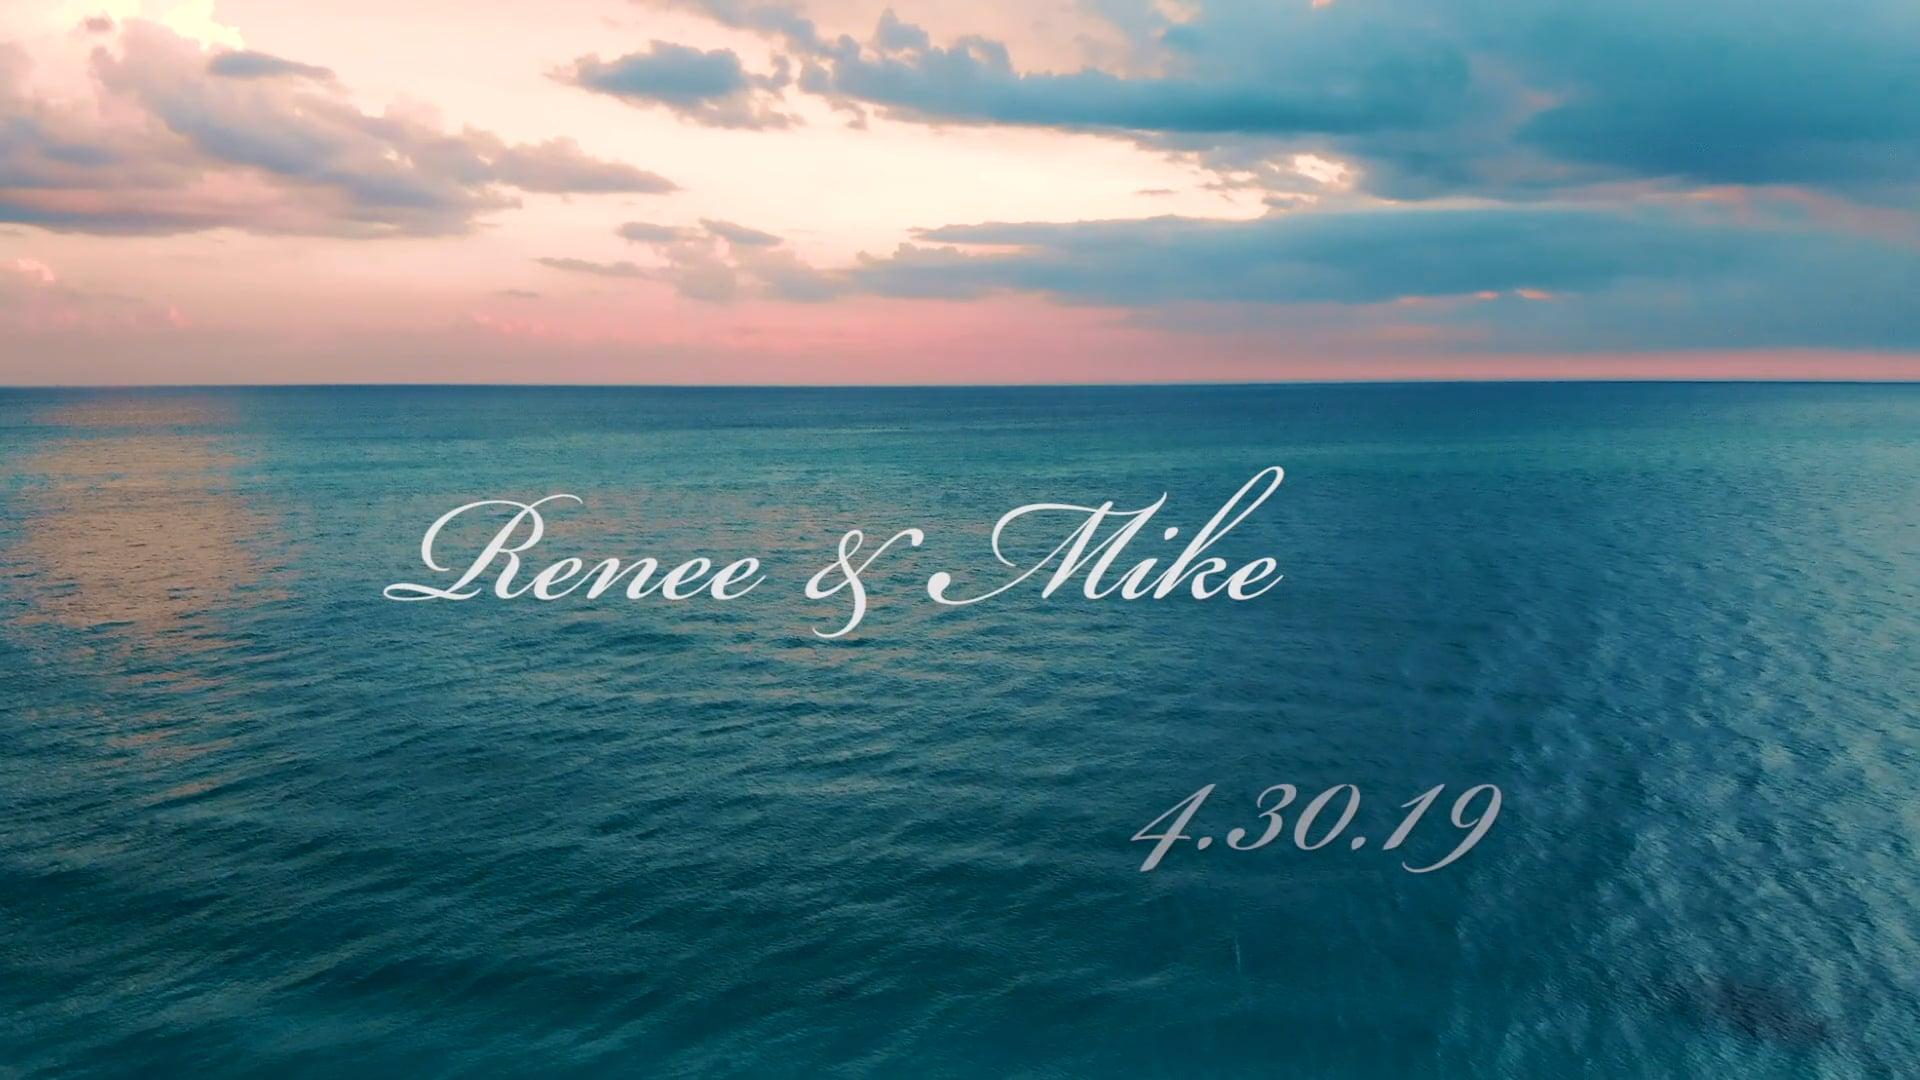 Renee & Mike    Teaser